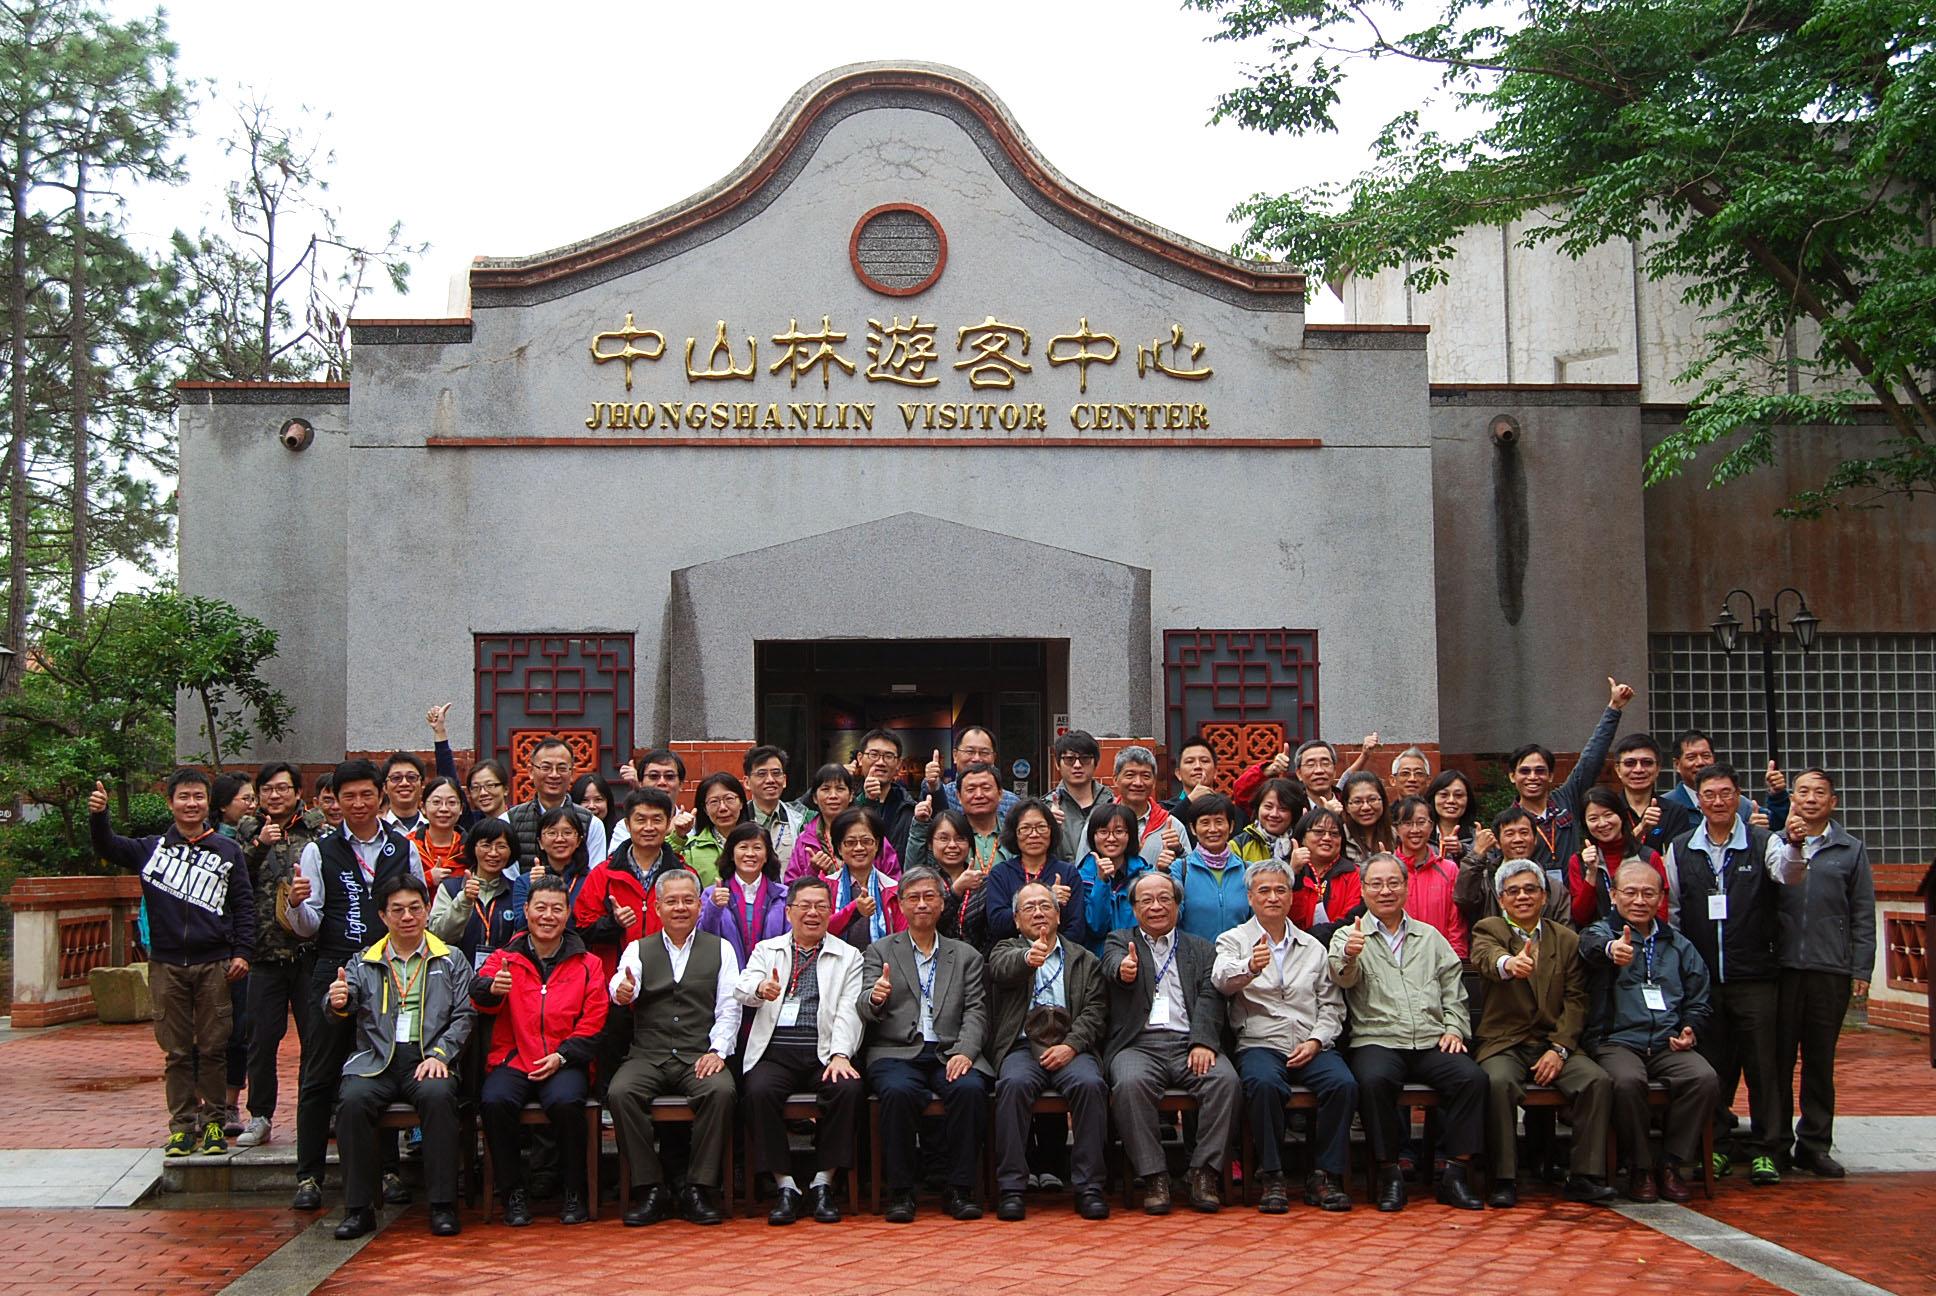 用全球觀點 漫談臺灣國家公園的人文意涵─105年國家公園保育成果研討會